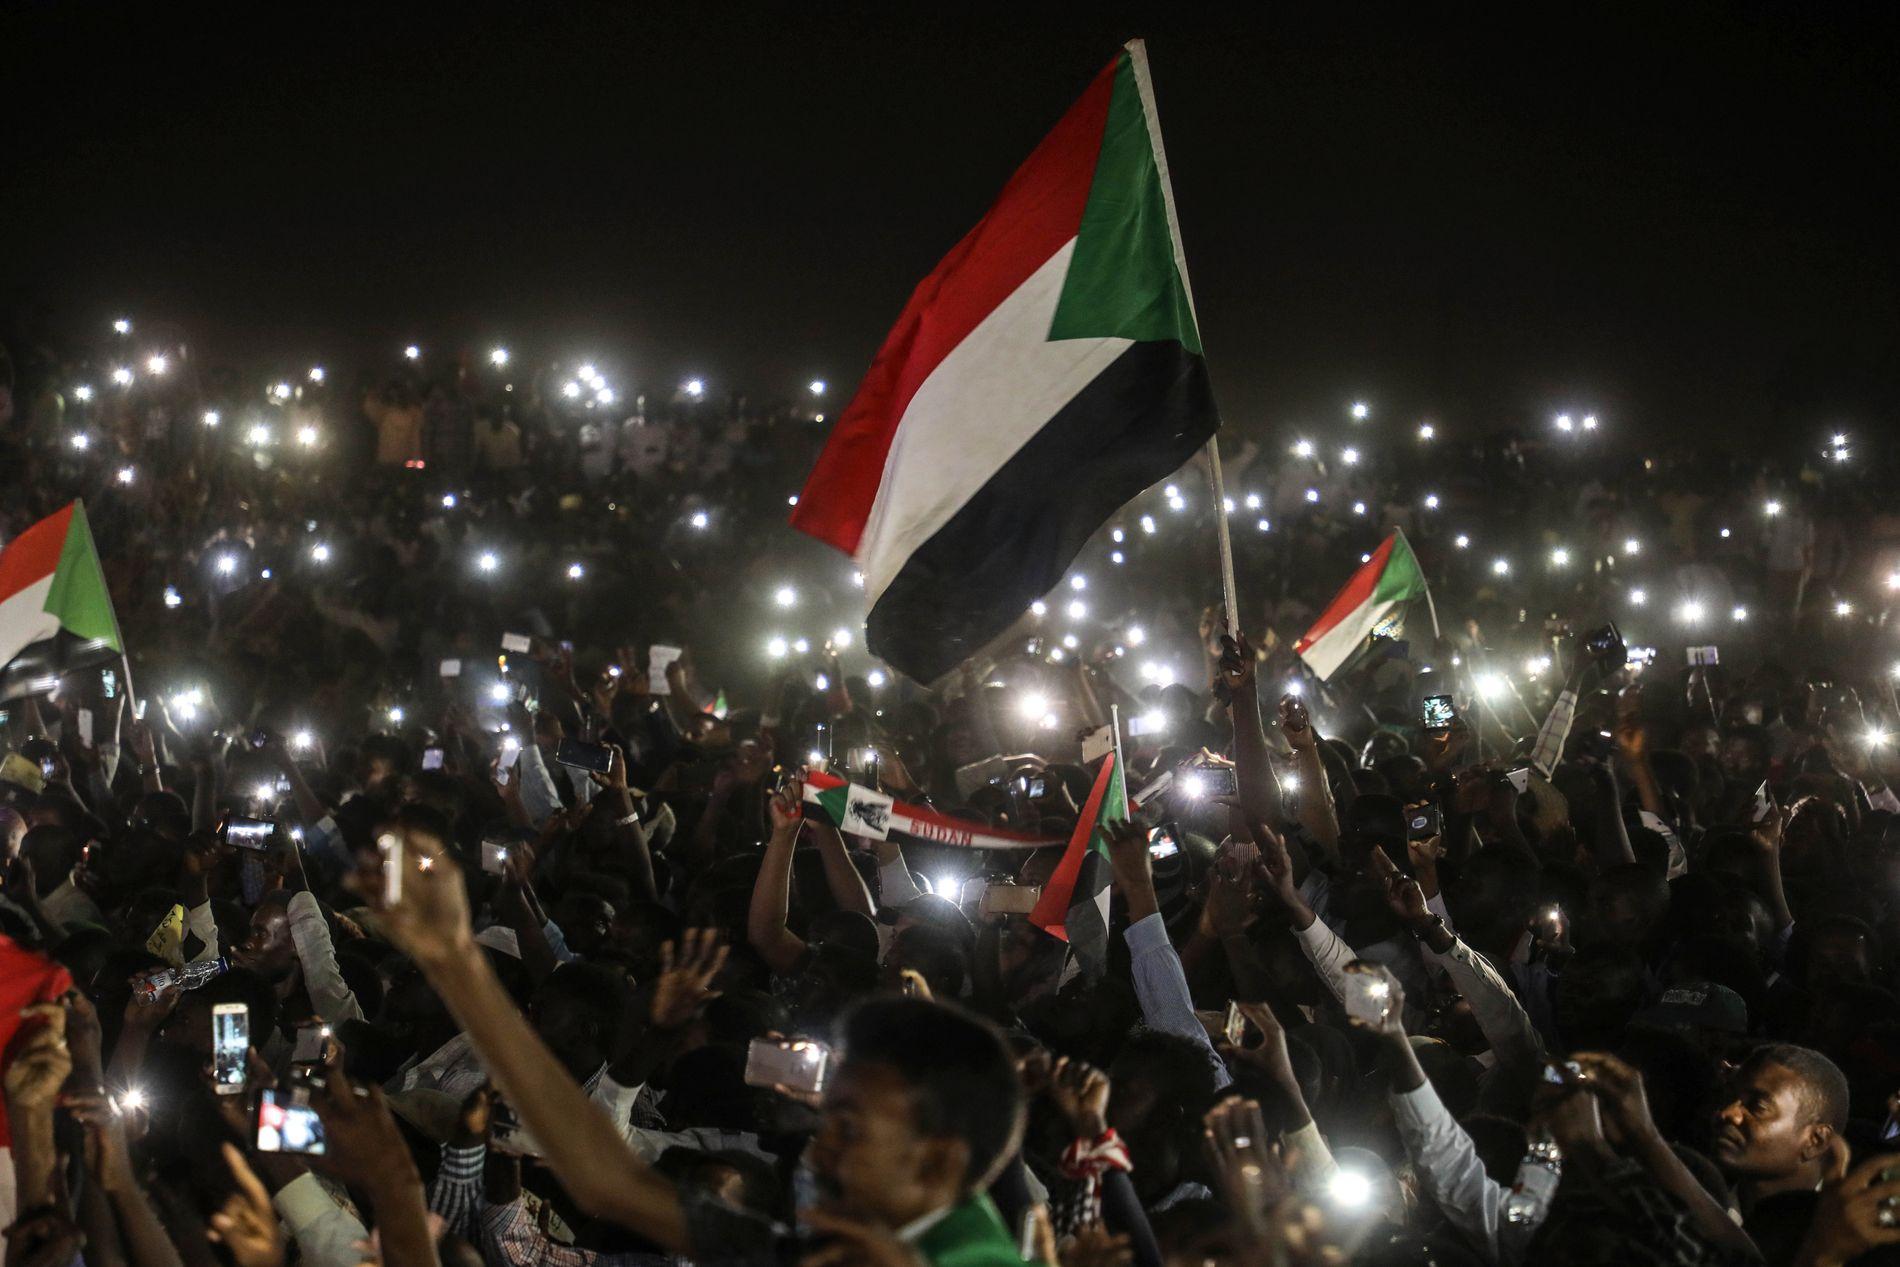 DEMONSTRERER: Demonstranter utenfor militæres hovedkvarter i Khartoum krever at et sivilt styre innsettes etter at president Omar al-Bashir ble styrtet.